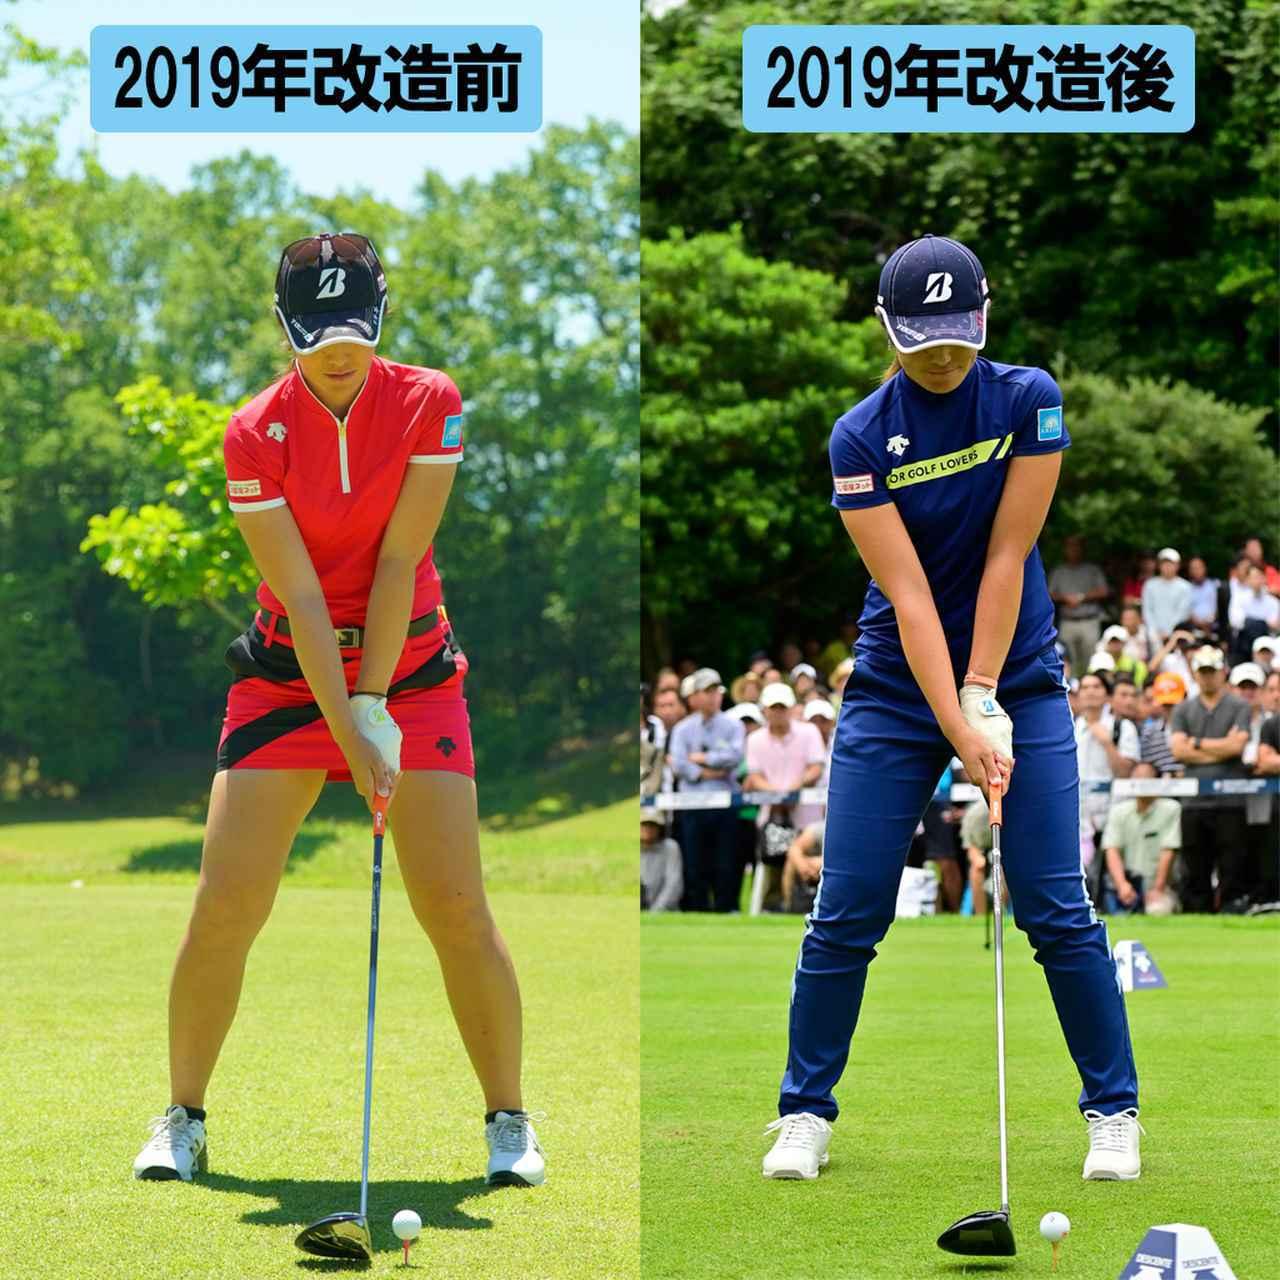 画像: アドレス時のボールの位置を、大きく左にずらした。さらに左に振り抜くことができるようになり、思い描いたフェードが打てるようになった